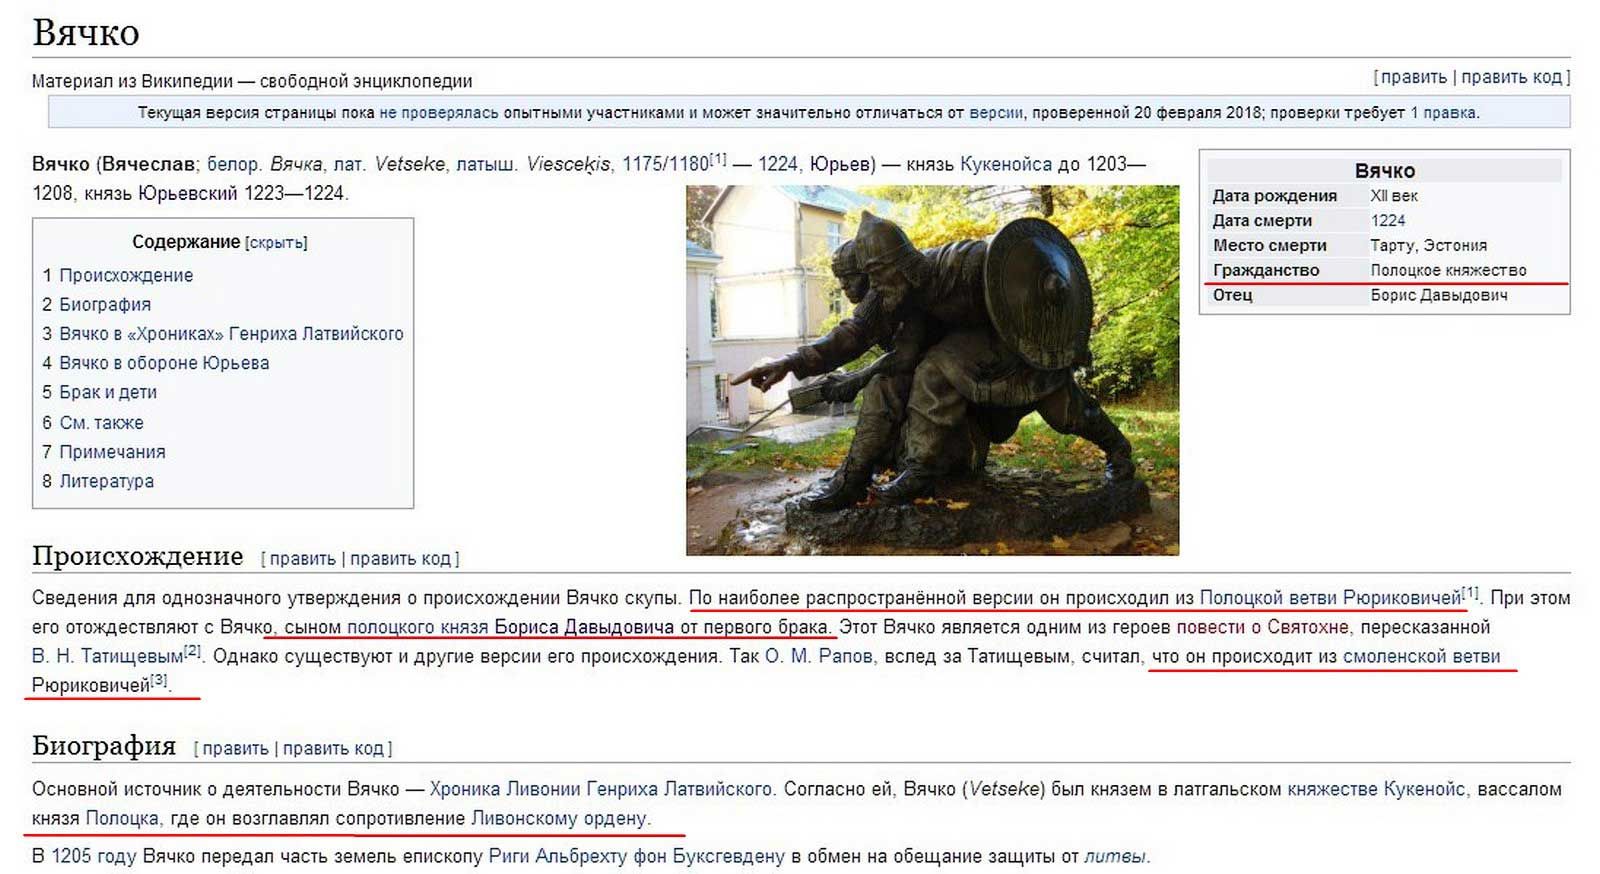 Страница Вячеслава (последнего из Рюриковичей)